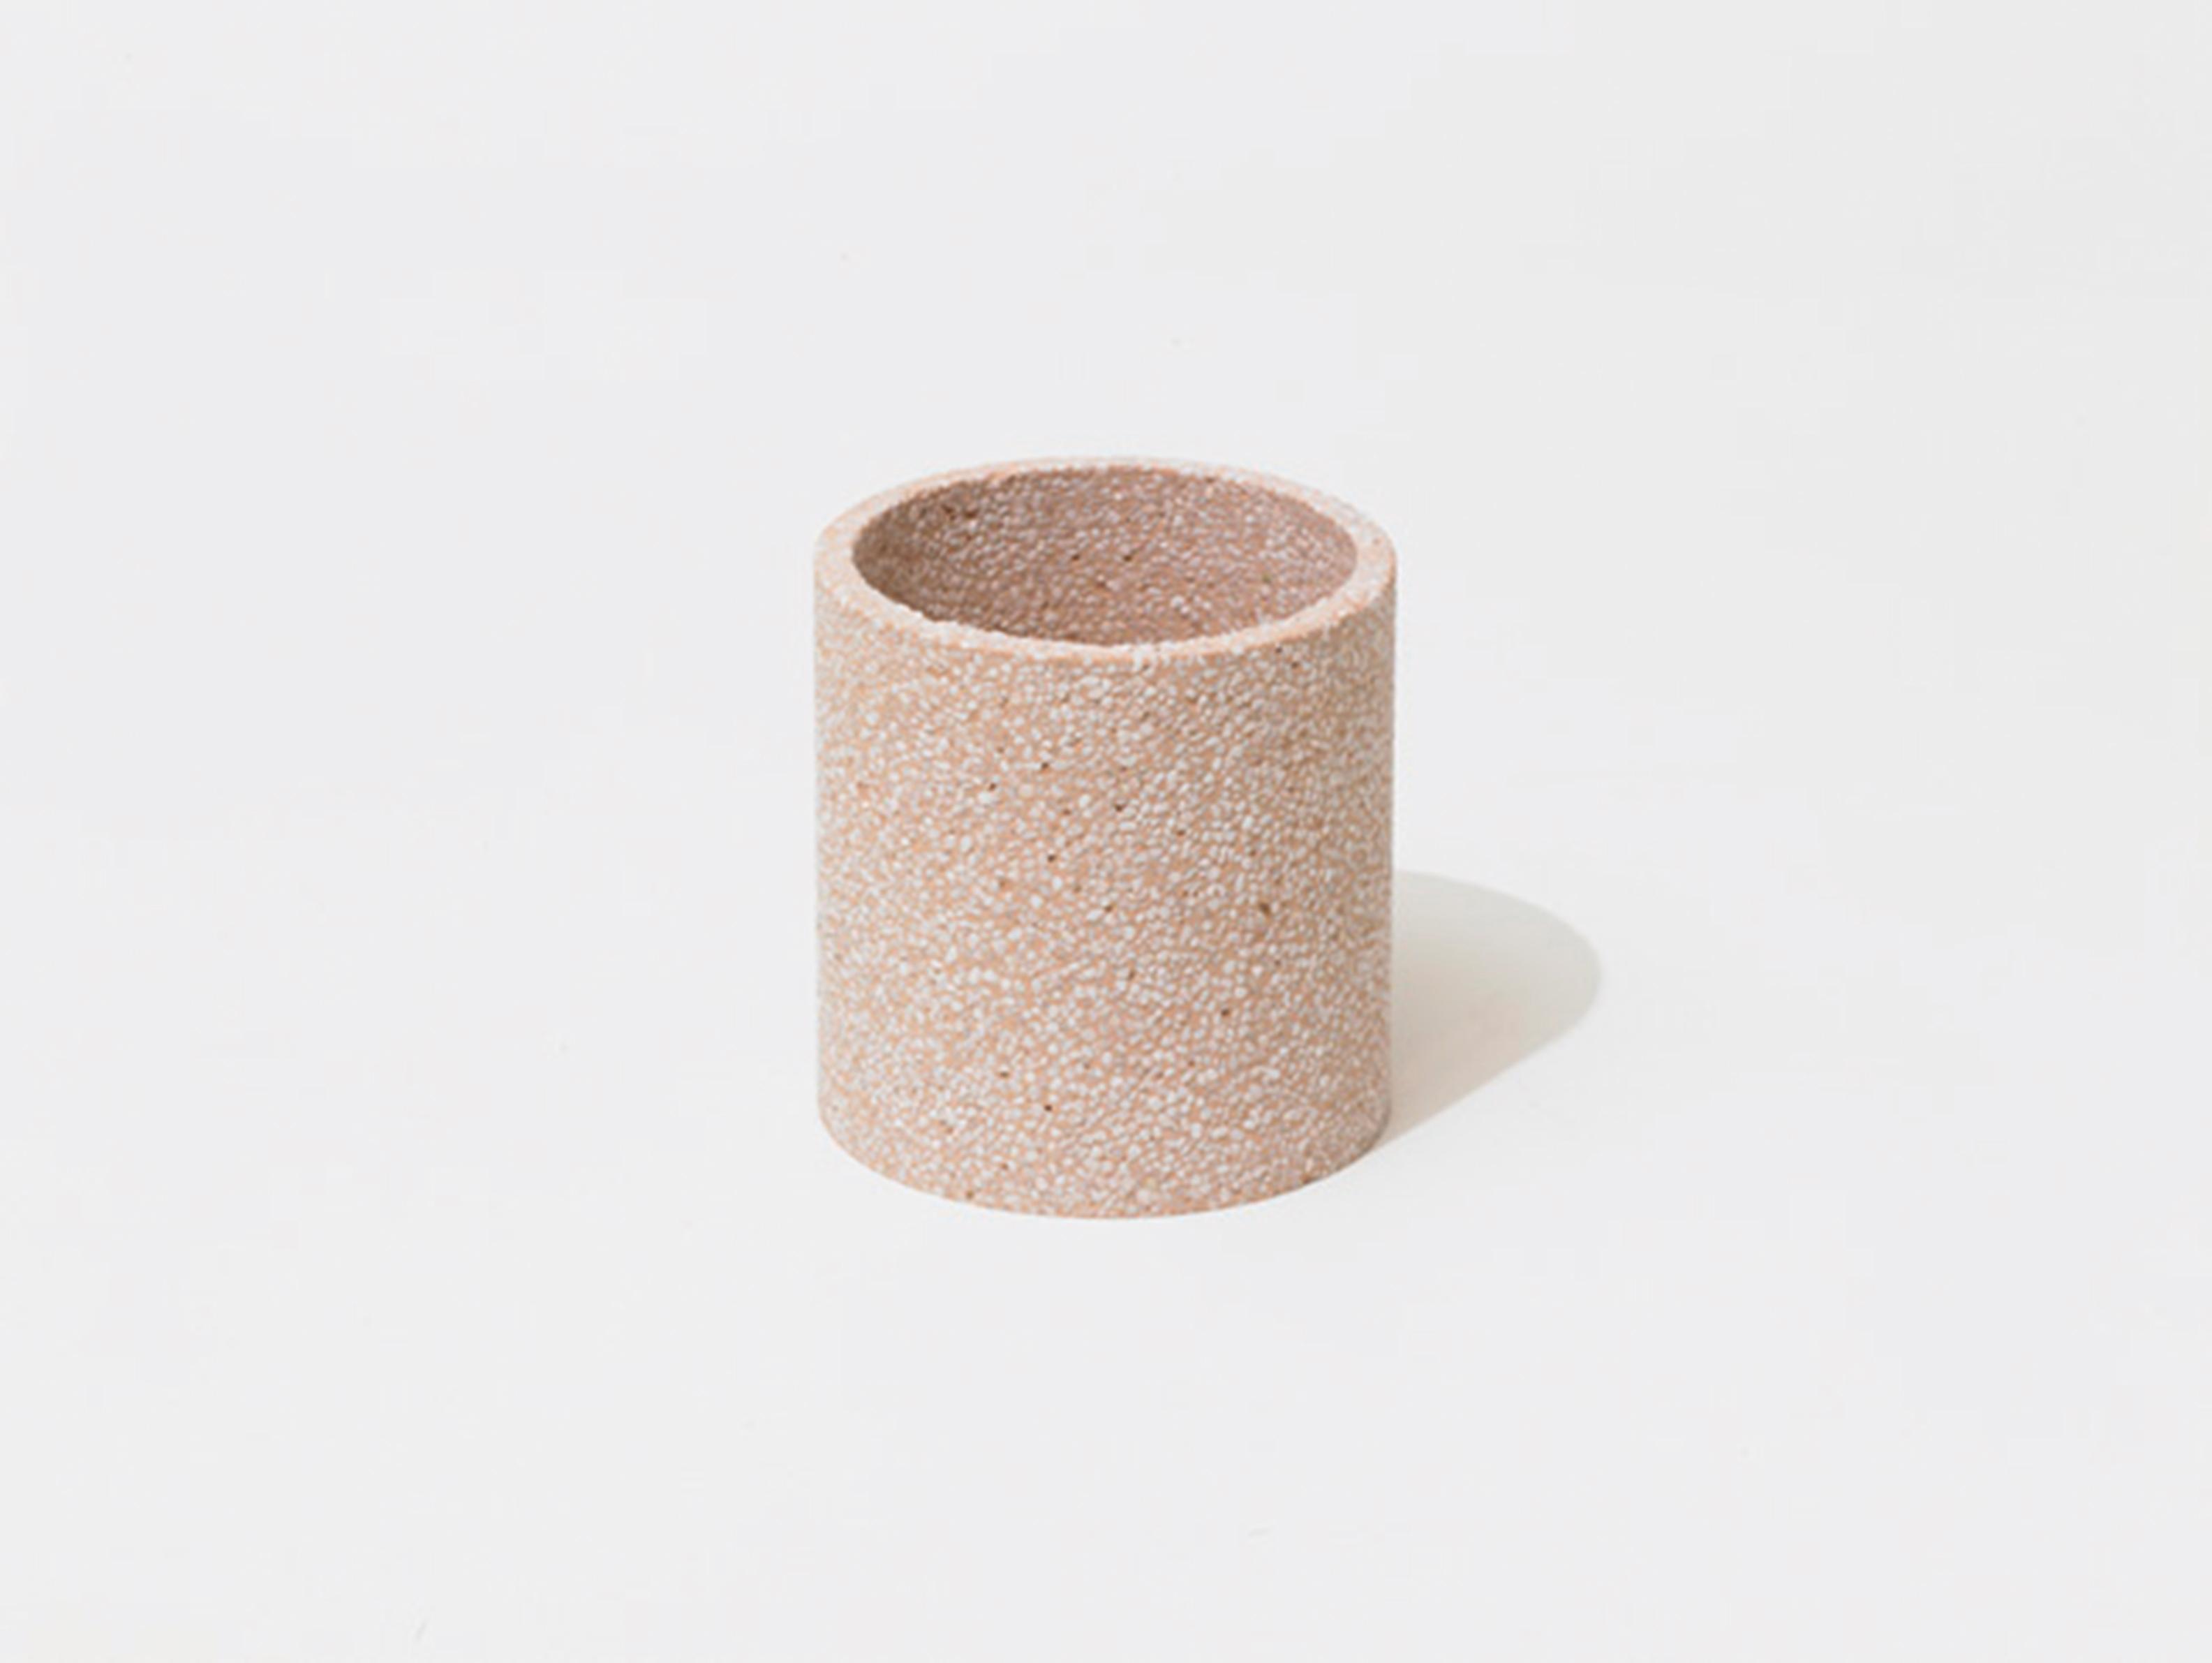 【Soil】日本超人氣 珪藻土 矽藻土 化妝收納桶  ( 白/粉/綠) 吸濕 除臭 清潔 除濕 聖品